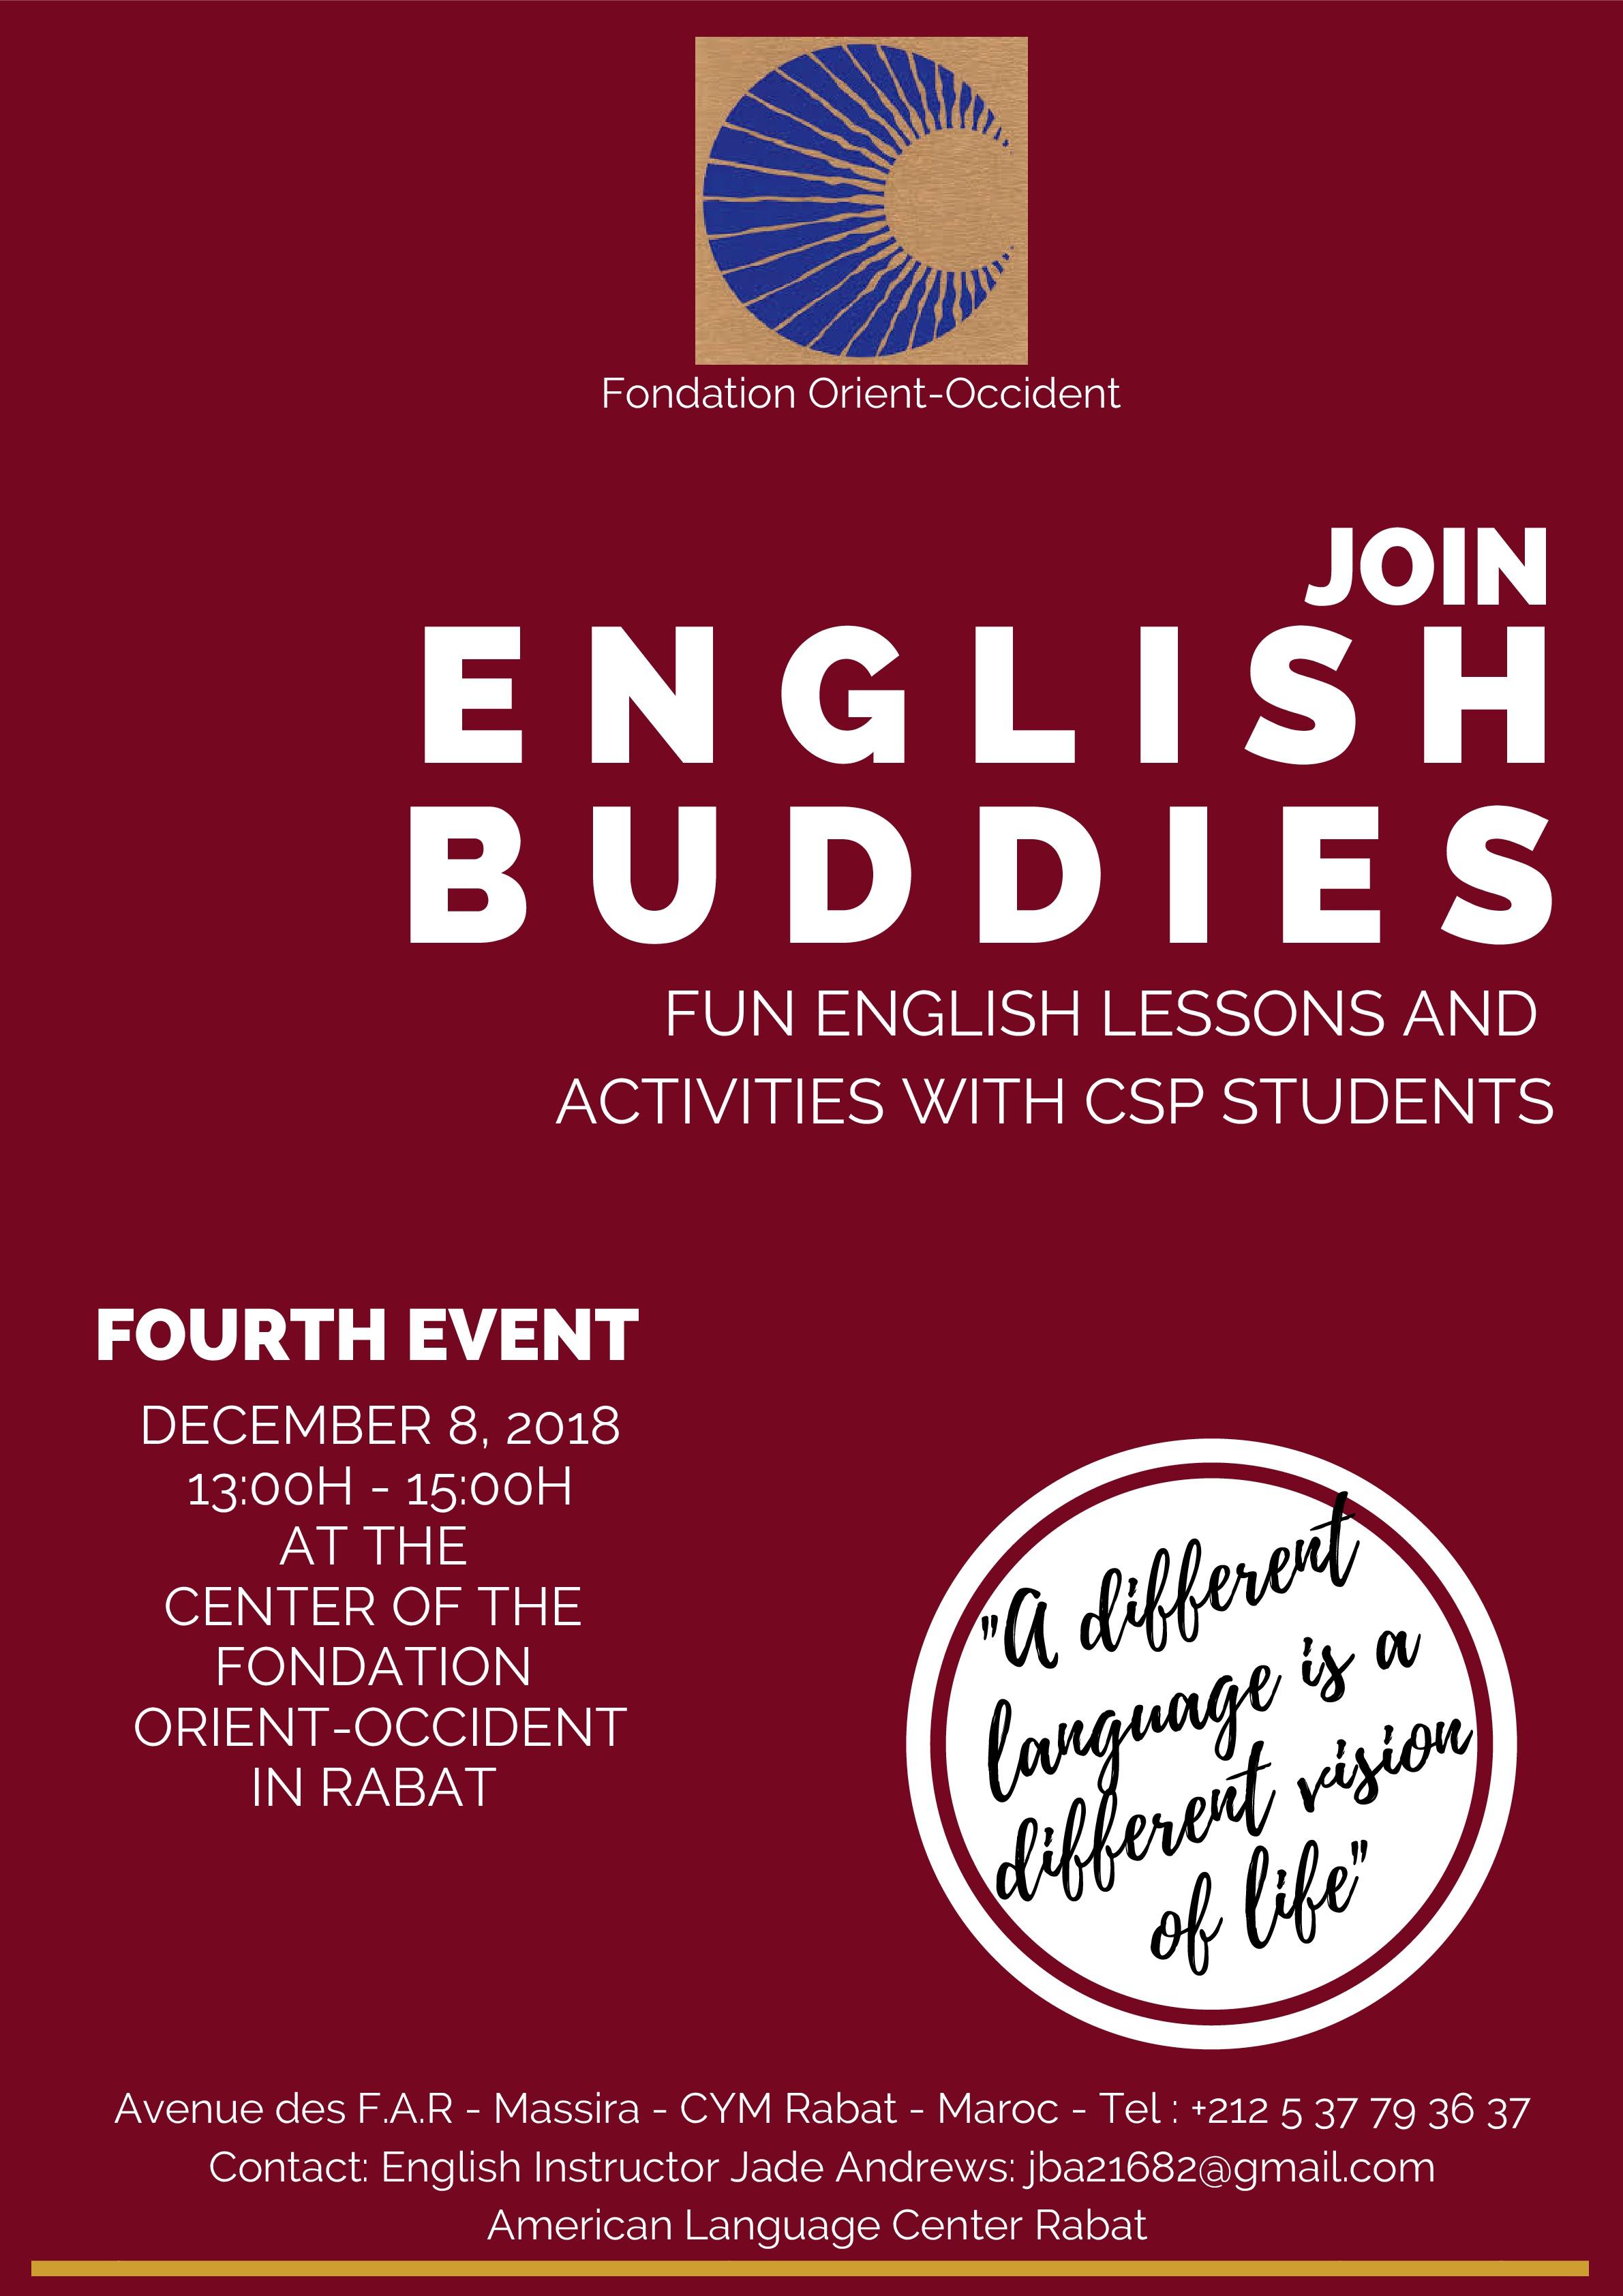 Anglais pour tous: 4ème édition d'ENGLISH BUDDIES le 8 décembre, nous vous attendons!